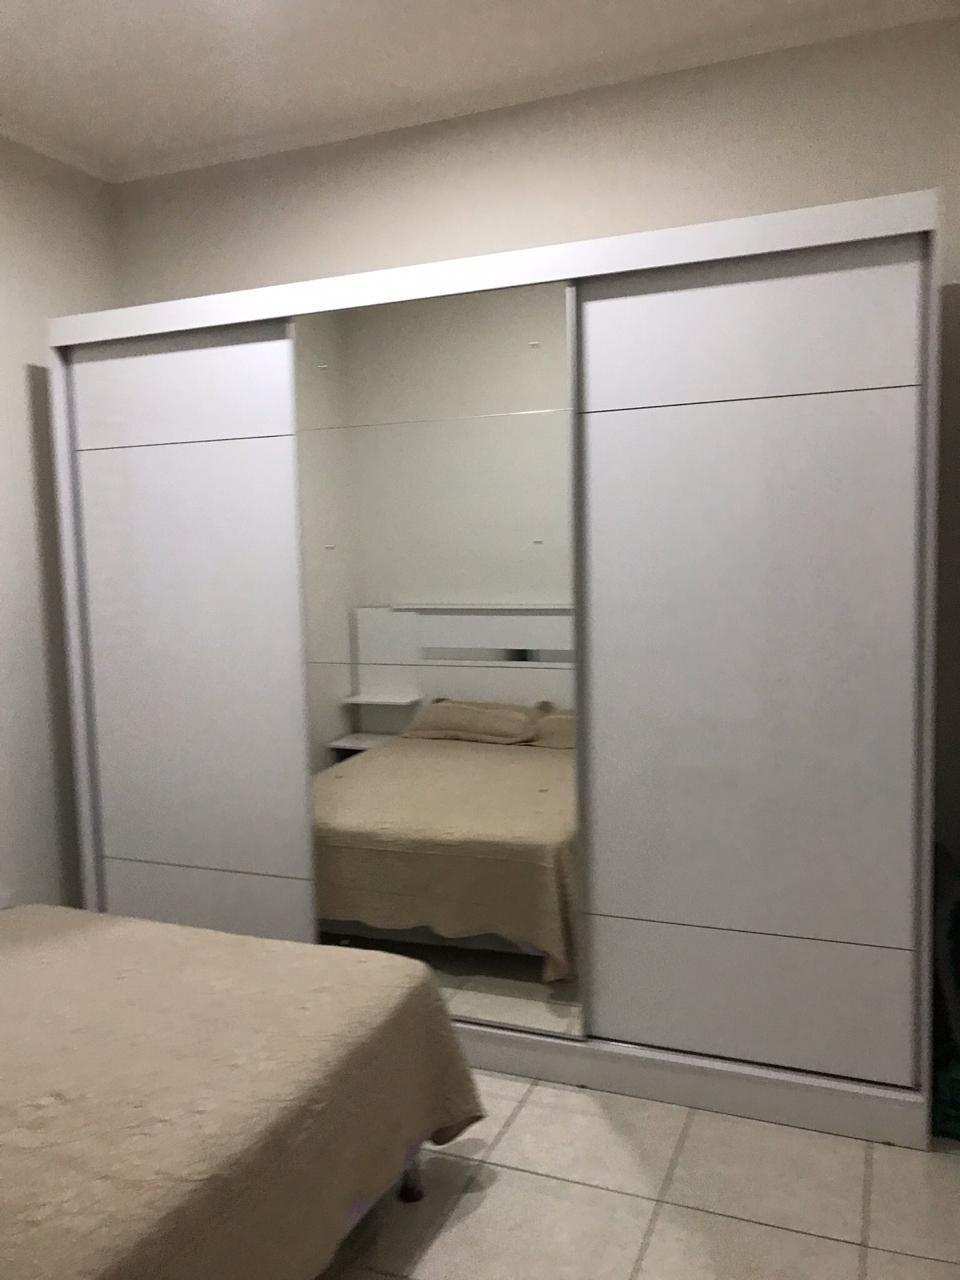 718 - Casa Ângelo Jurca 2 dormitórios